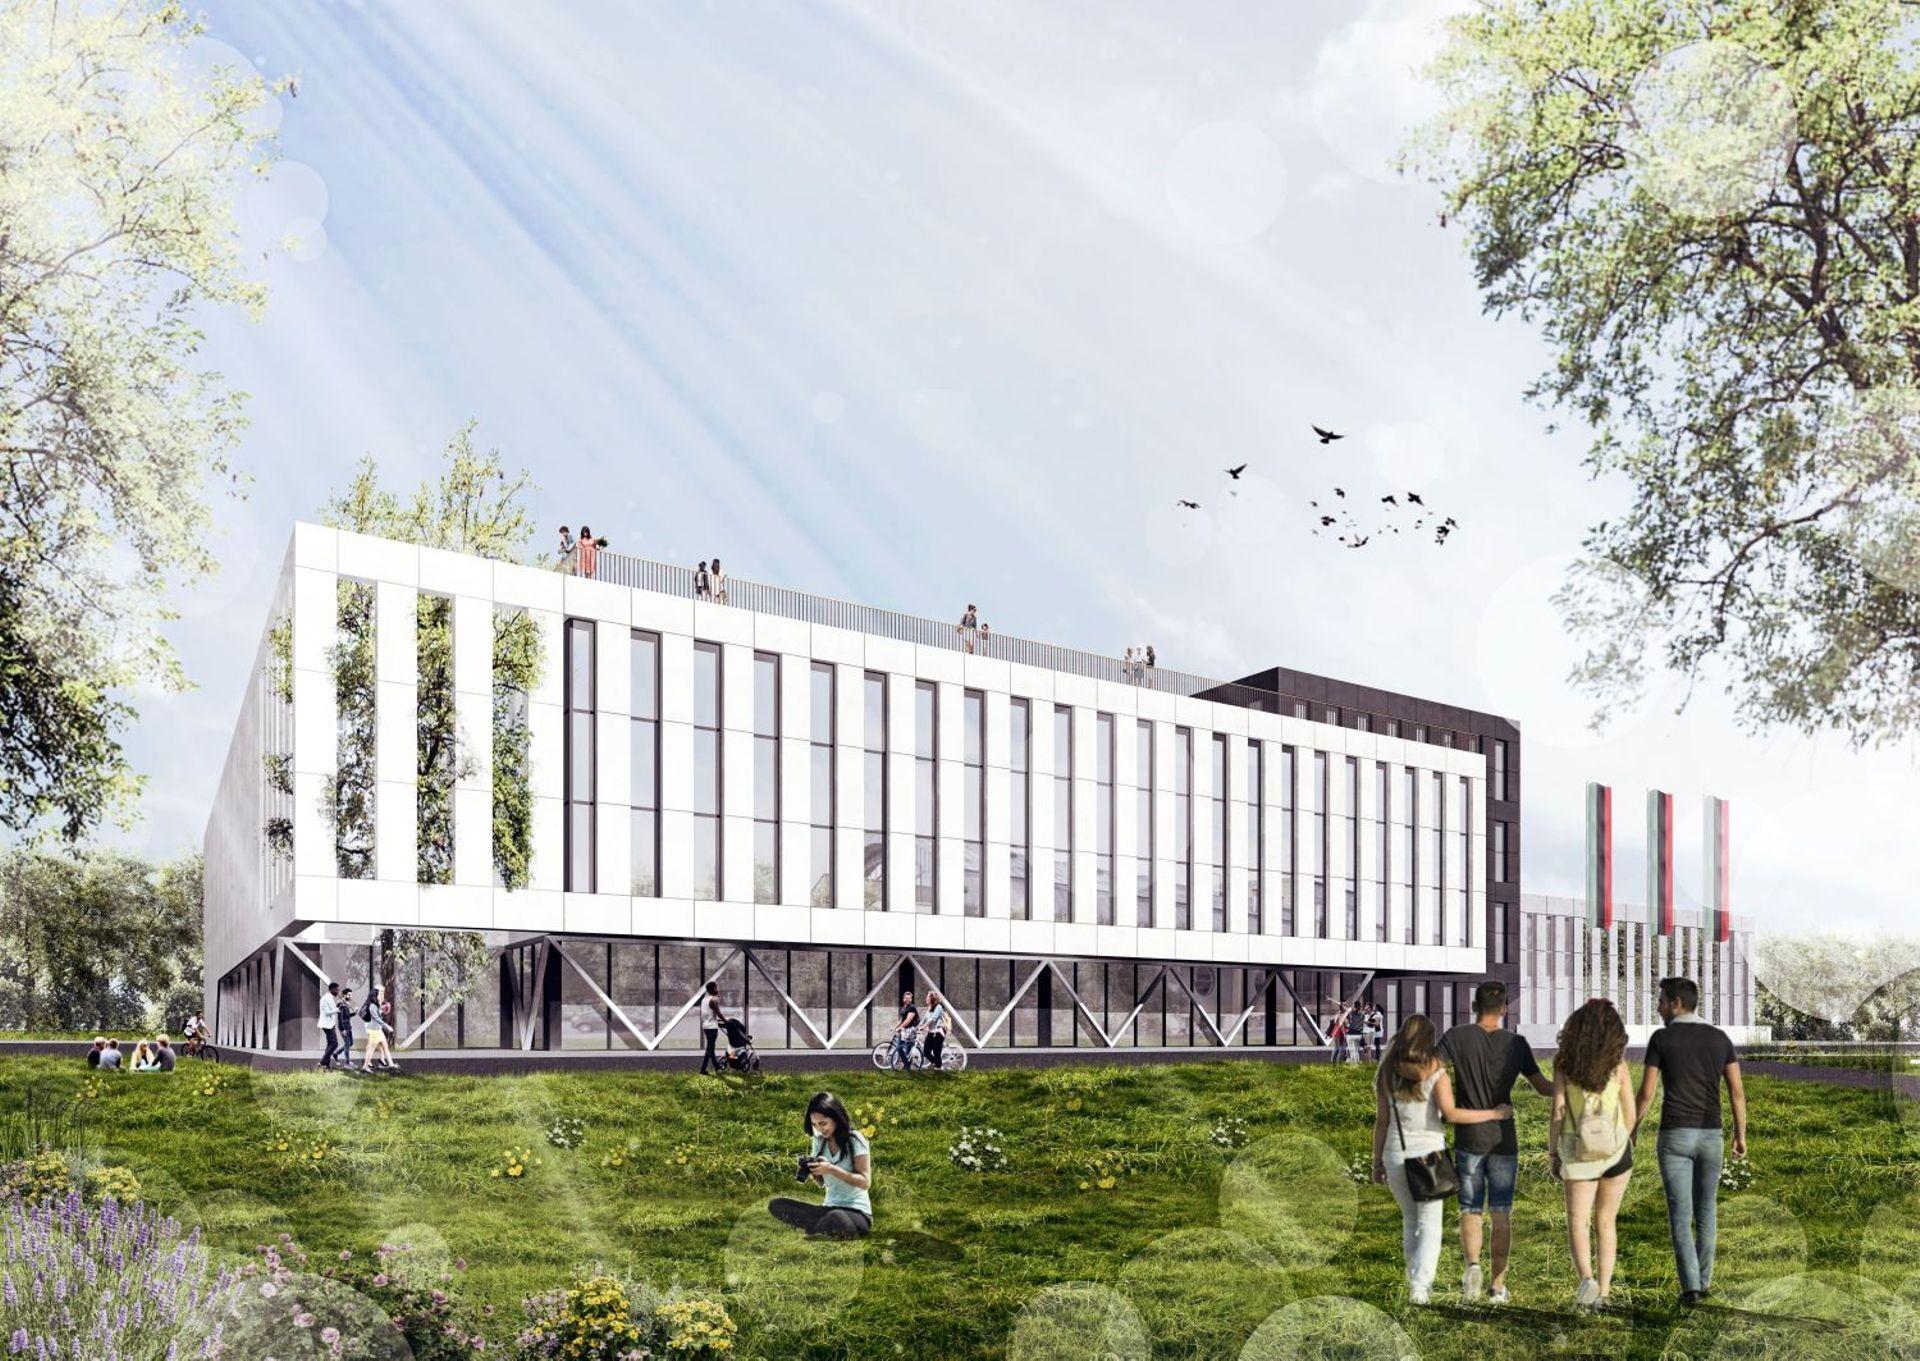 Trwa budowa nowej wielofunkcyjnej hali sportowej Akademii Górniczo-Hutniczej w Krakowie [ZDJĘCIA + WIZUALIZACJE]